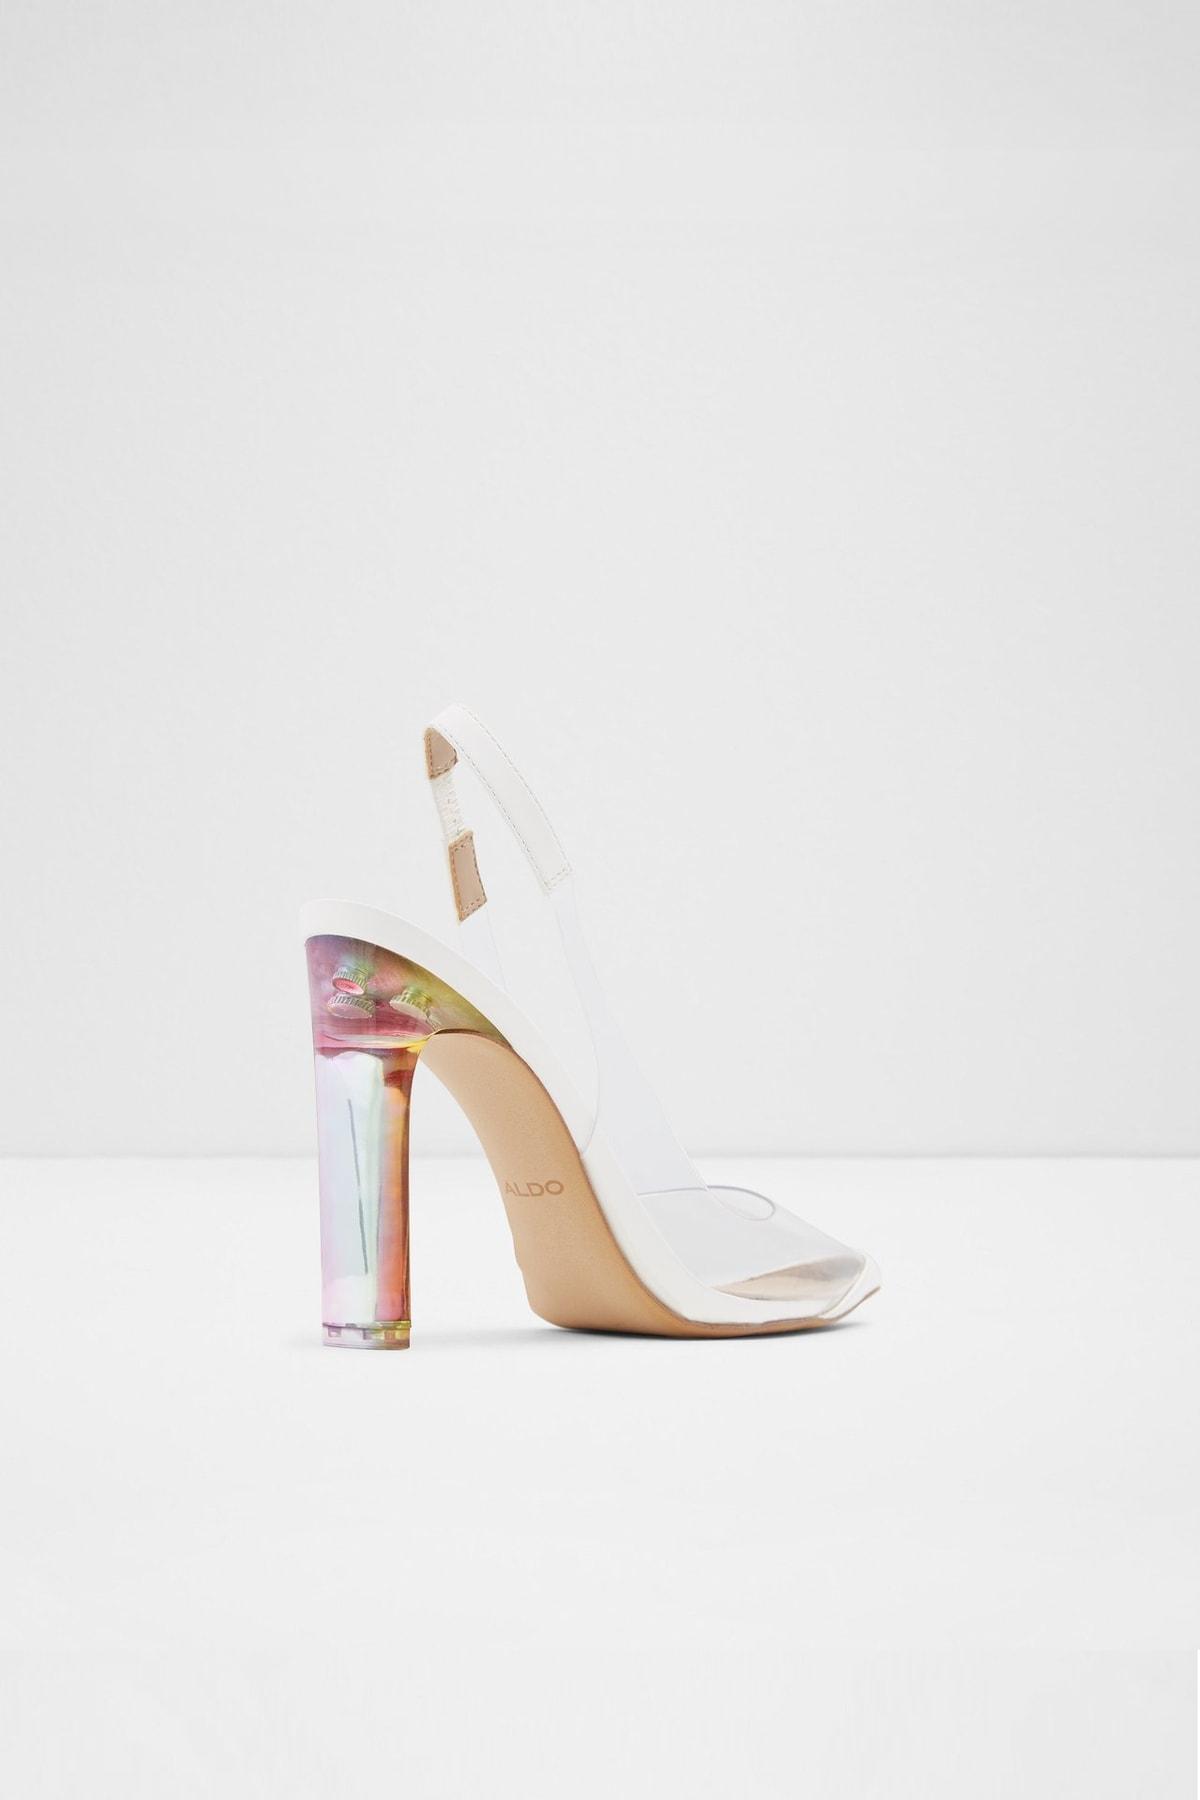 Aldo Feıwıa - Beyaz Kadın Topuklu Ayakkabı 2